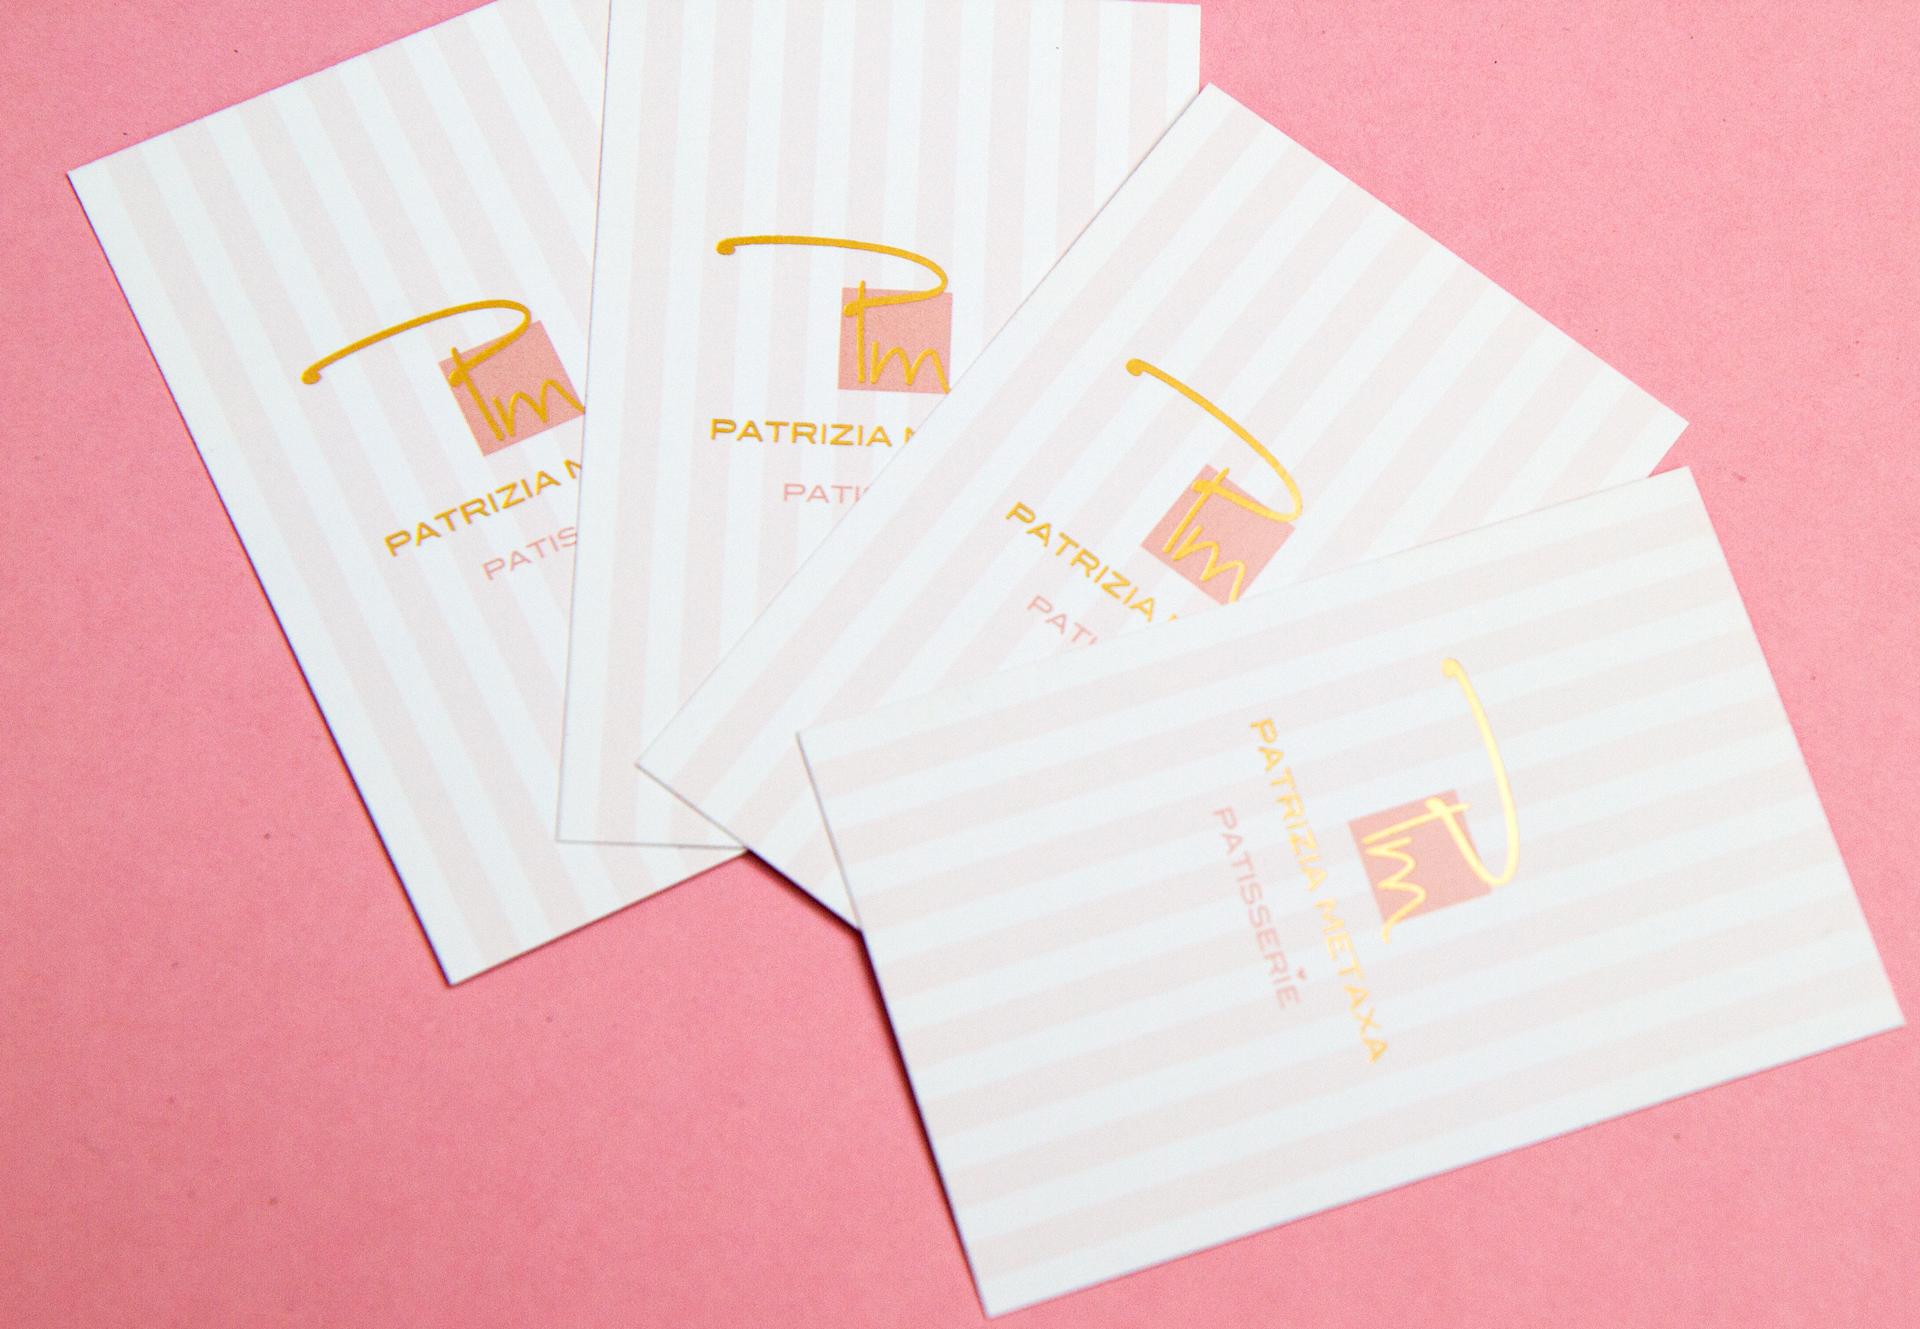 patrizia_metaxa_visitenkarten